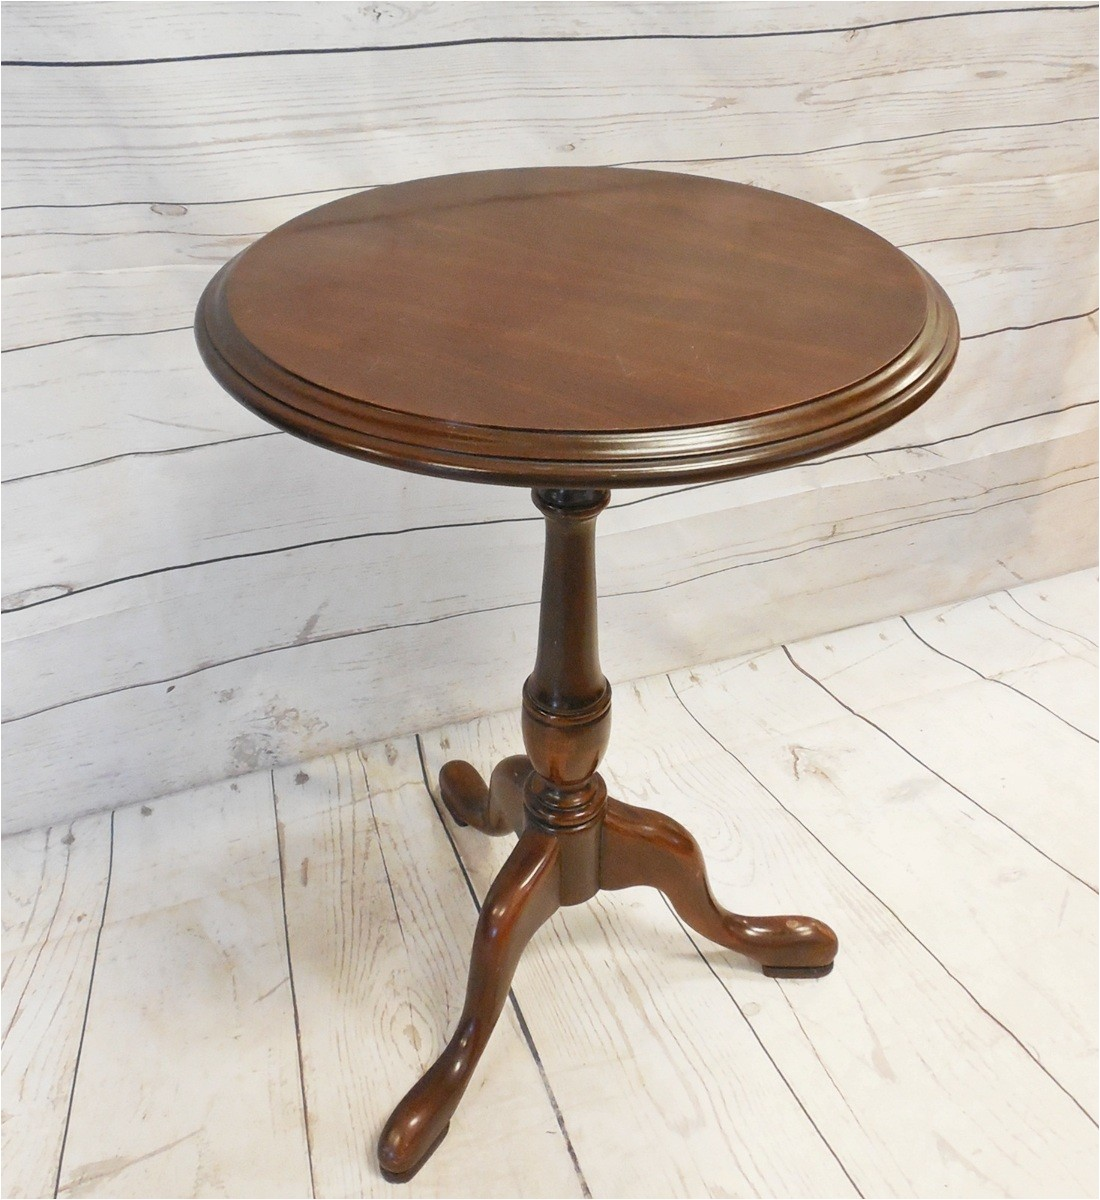 Vintage Ethan Allen Side Table Vintage Queen Anne Style Ethan Allen Cherry Round Pedestal